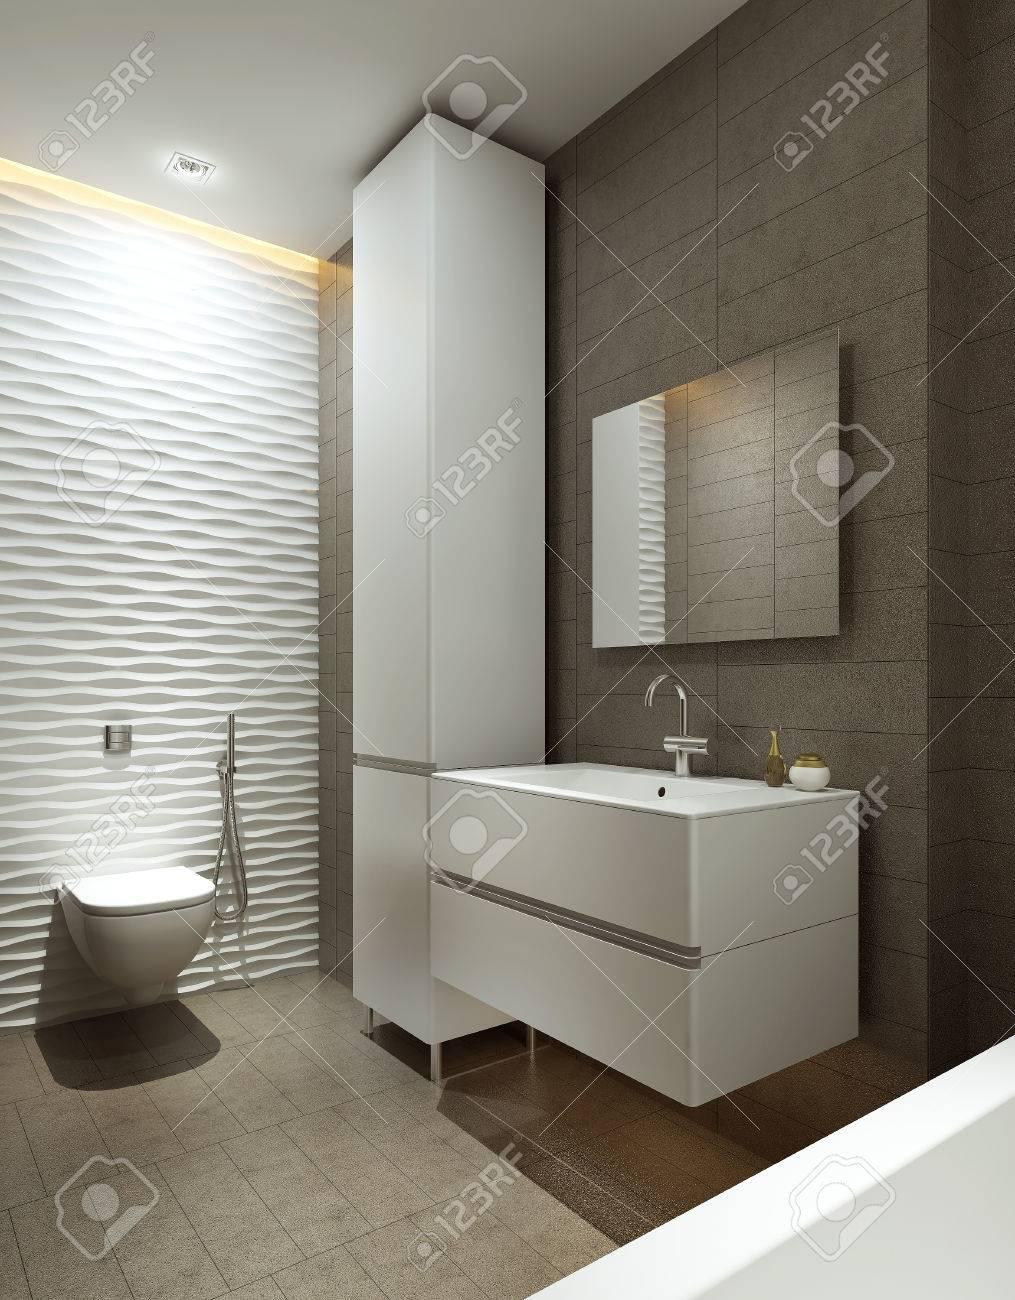 Estilo moderno cuarto de baño, las imágenes en 3D